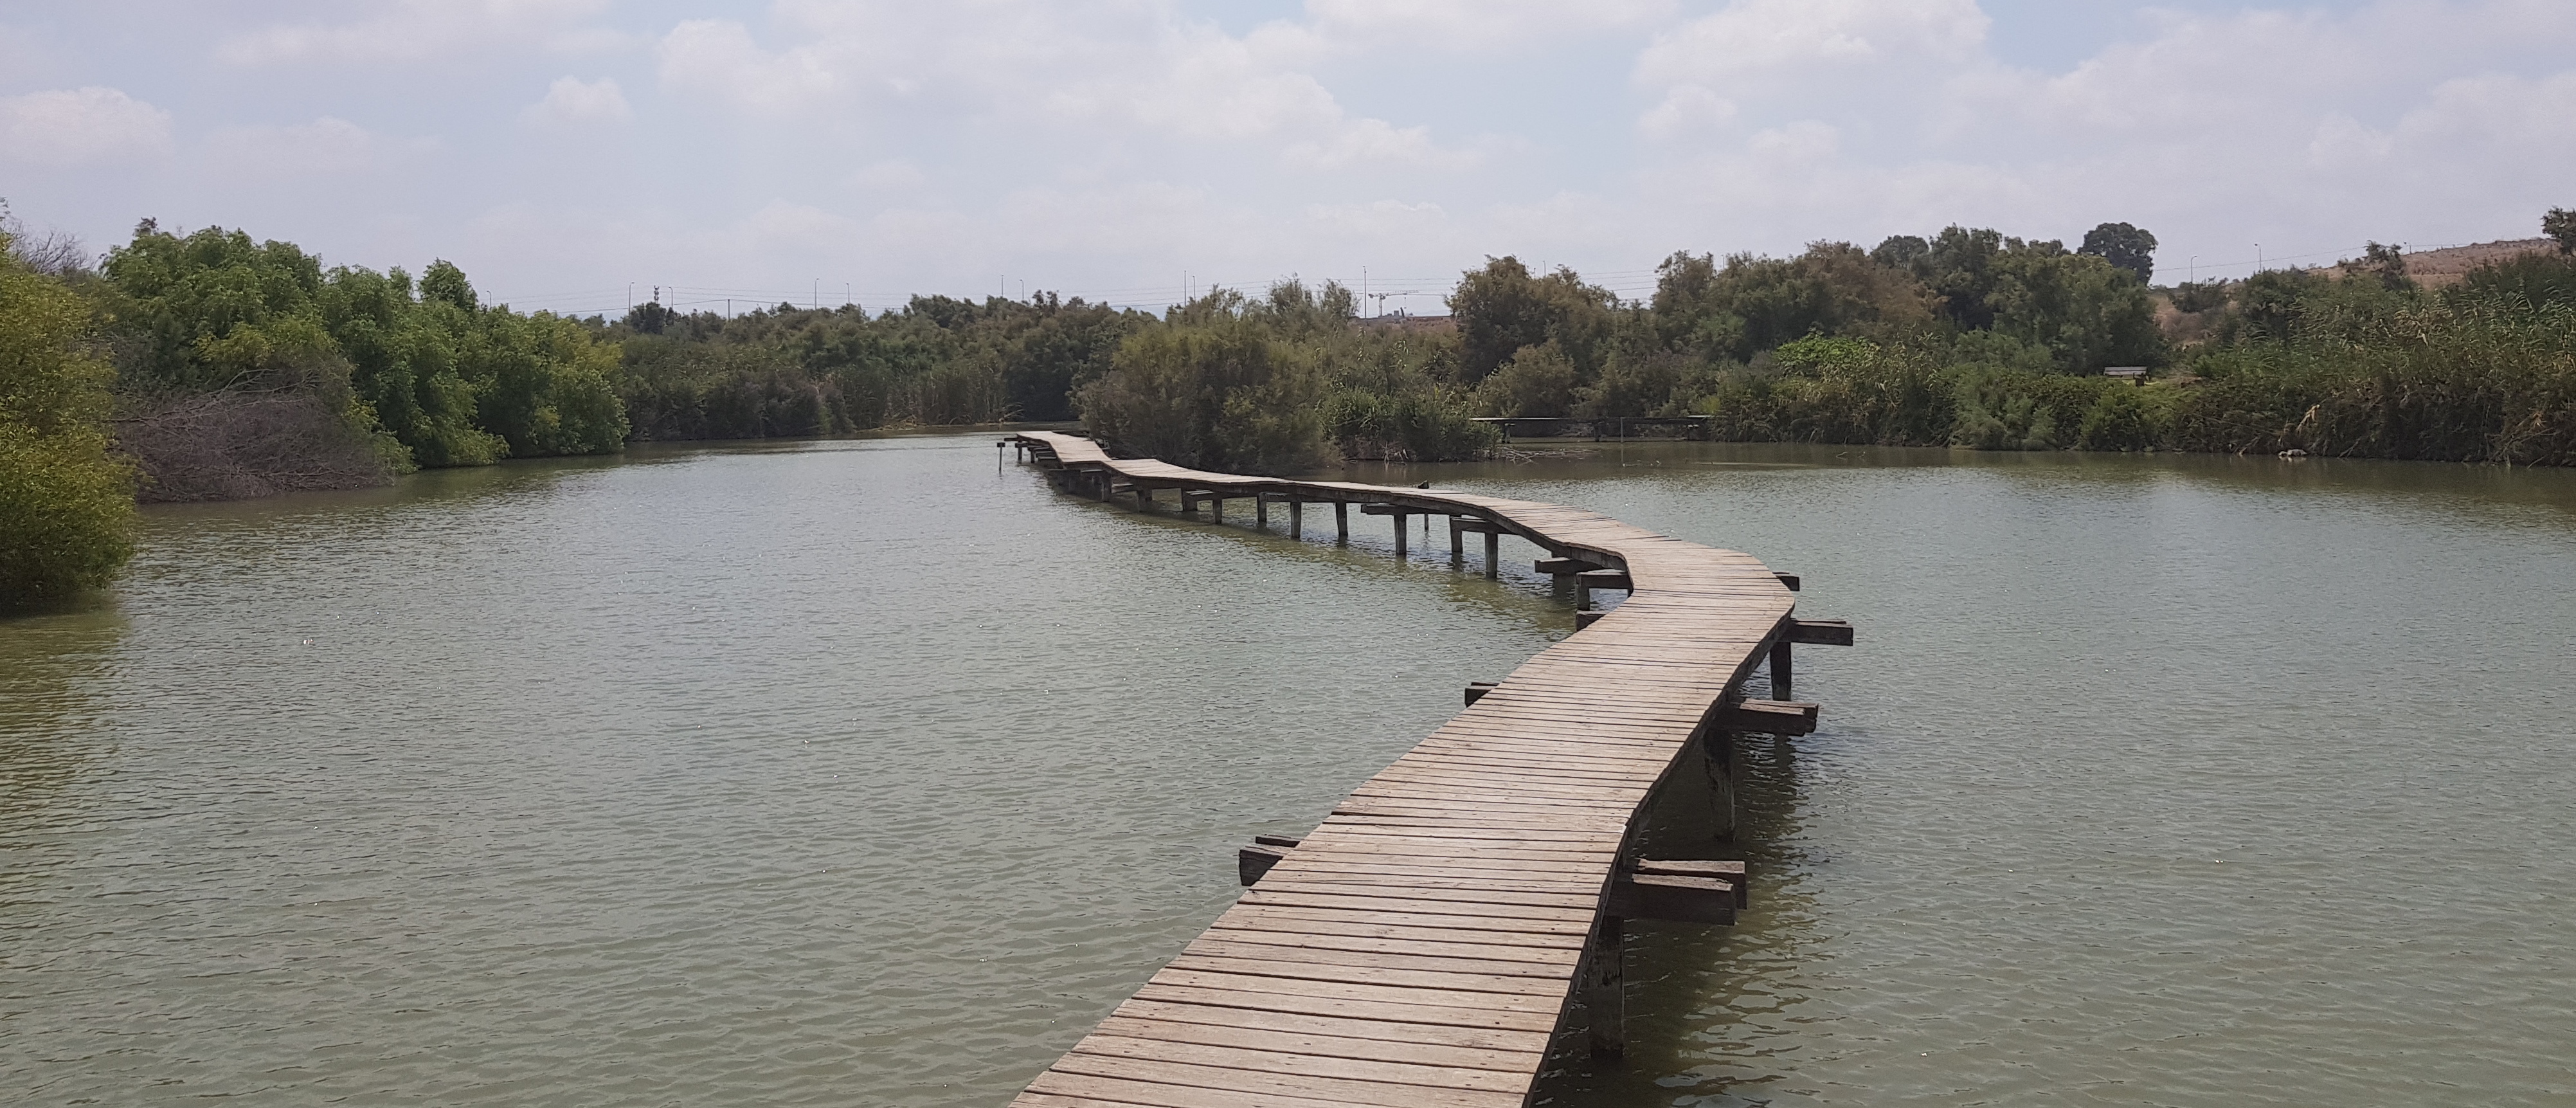 תכנית עבודה - גשר על המים